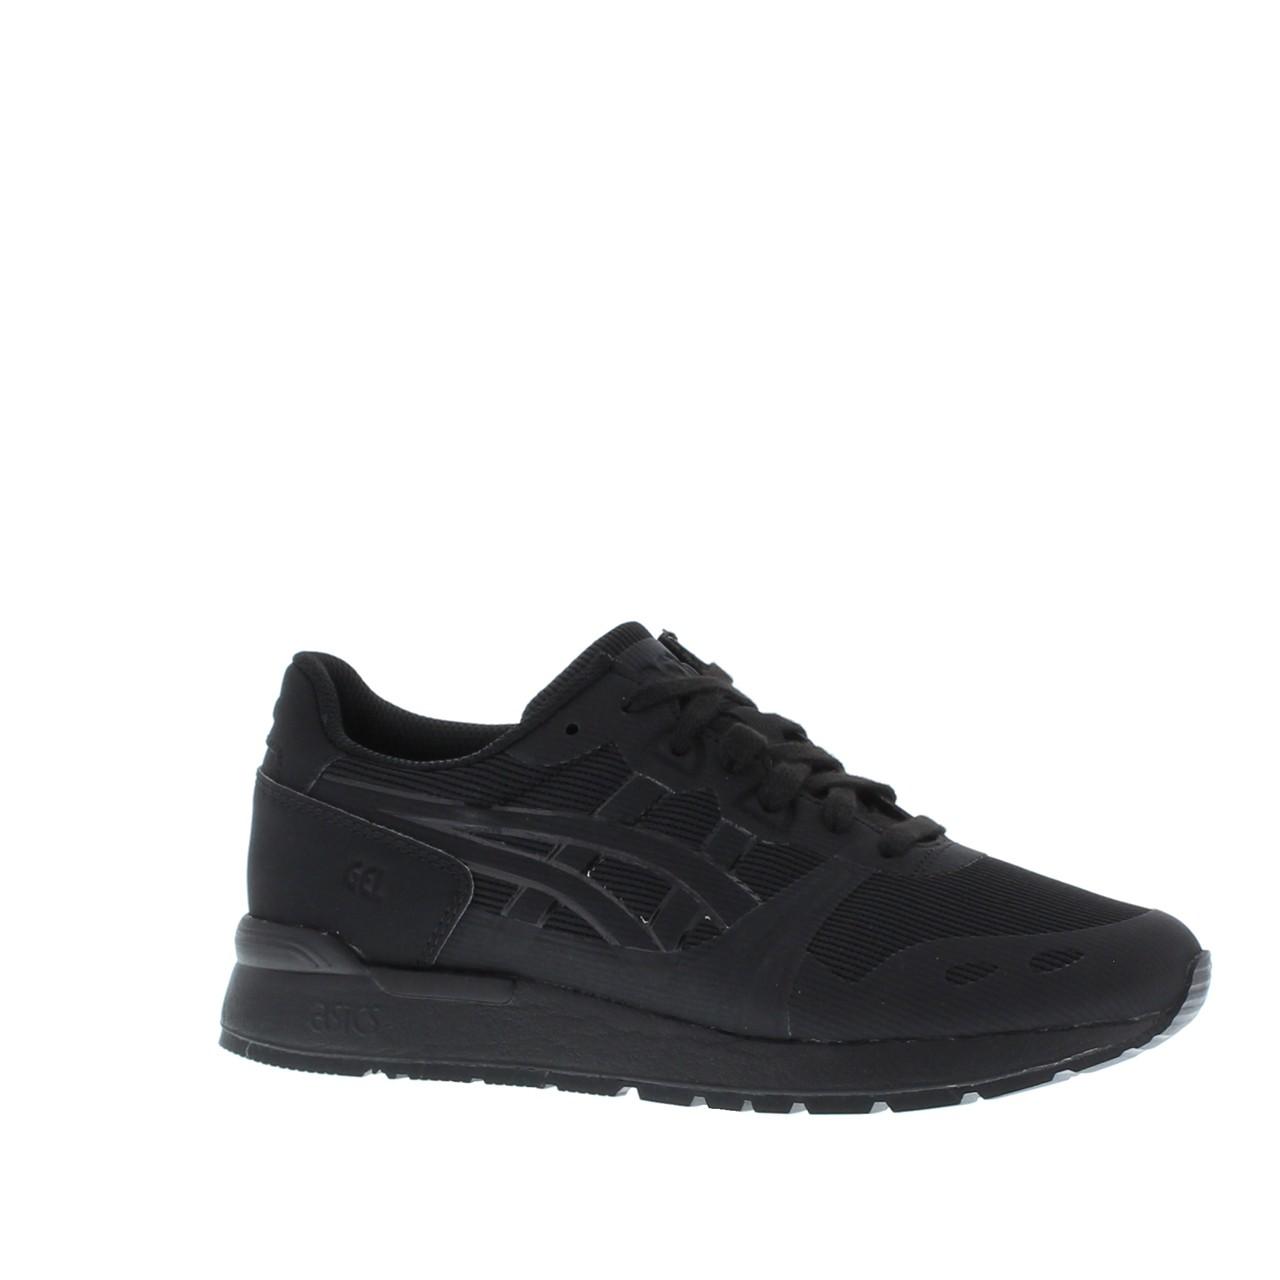 Afbeelding van Asics Tiger Sneakers 280-5-78 zwart